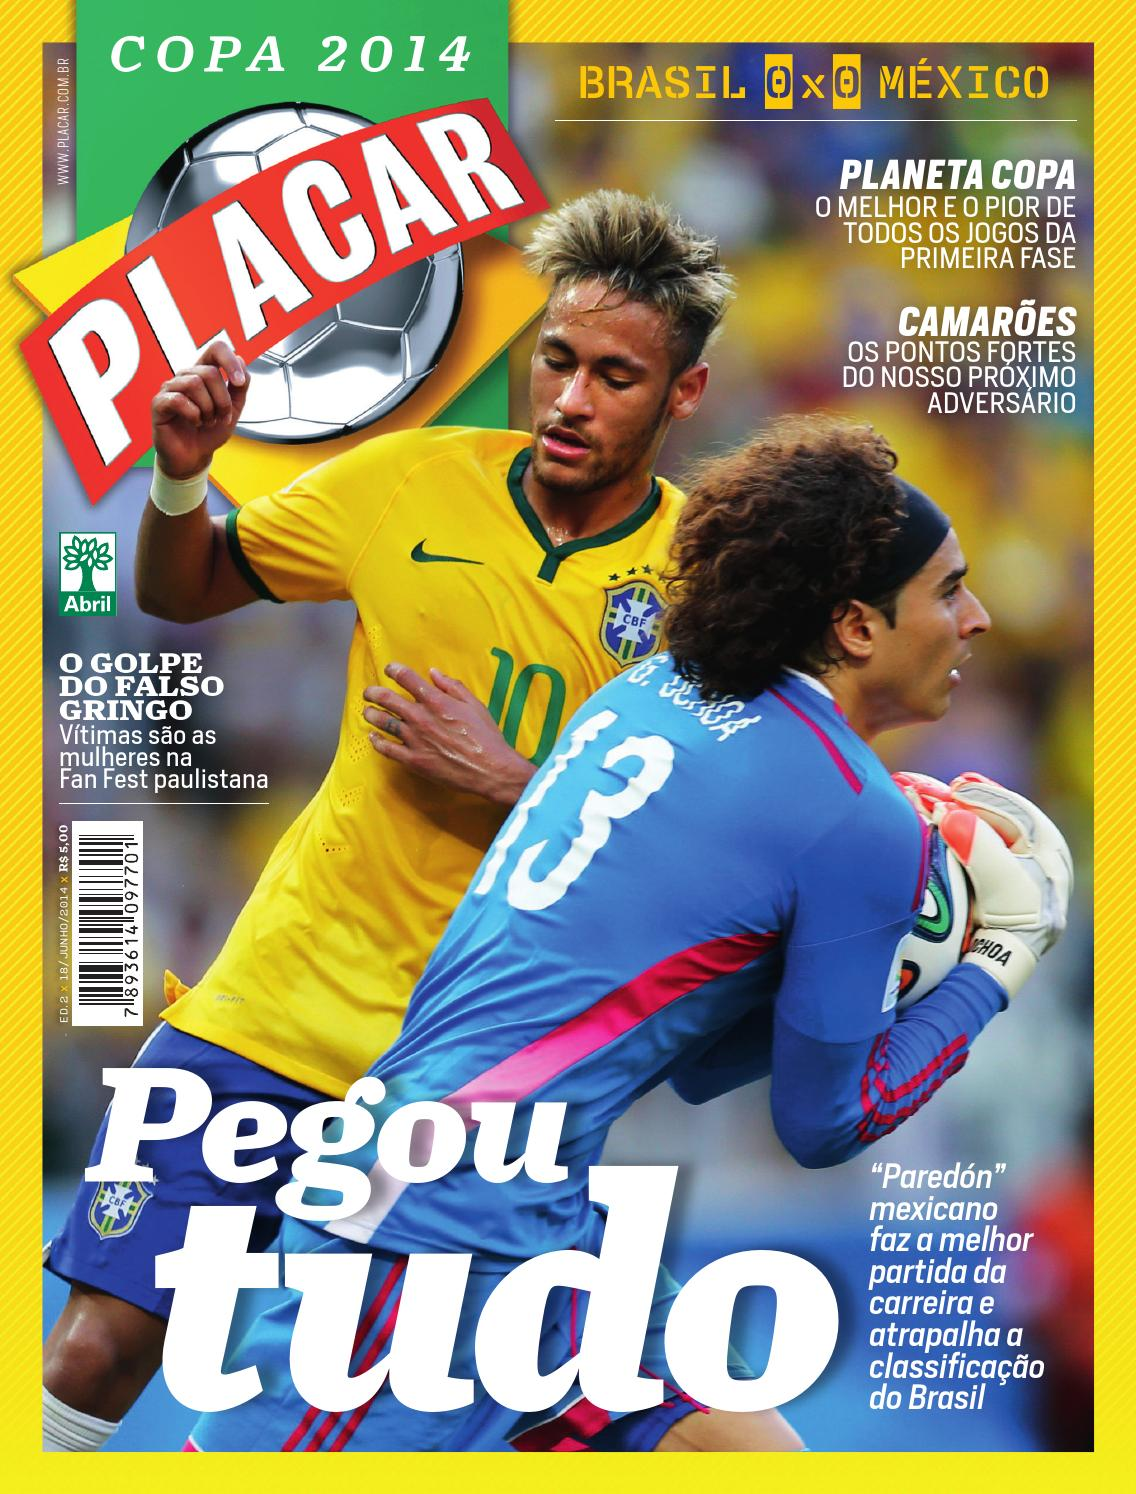 Revista Placar - Pós jogo 2 - Copa 2014 by Revista Placar - issuu 0673a9d893c44